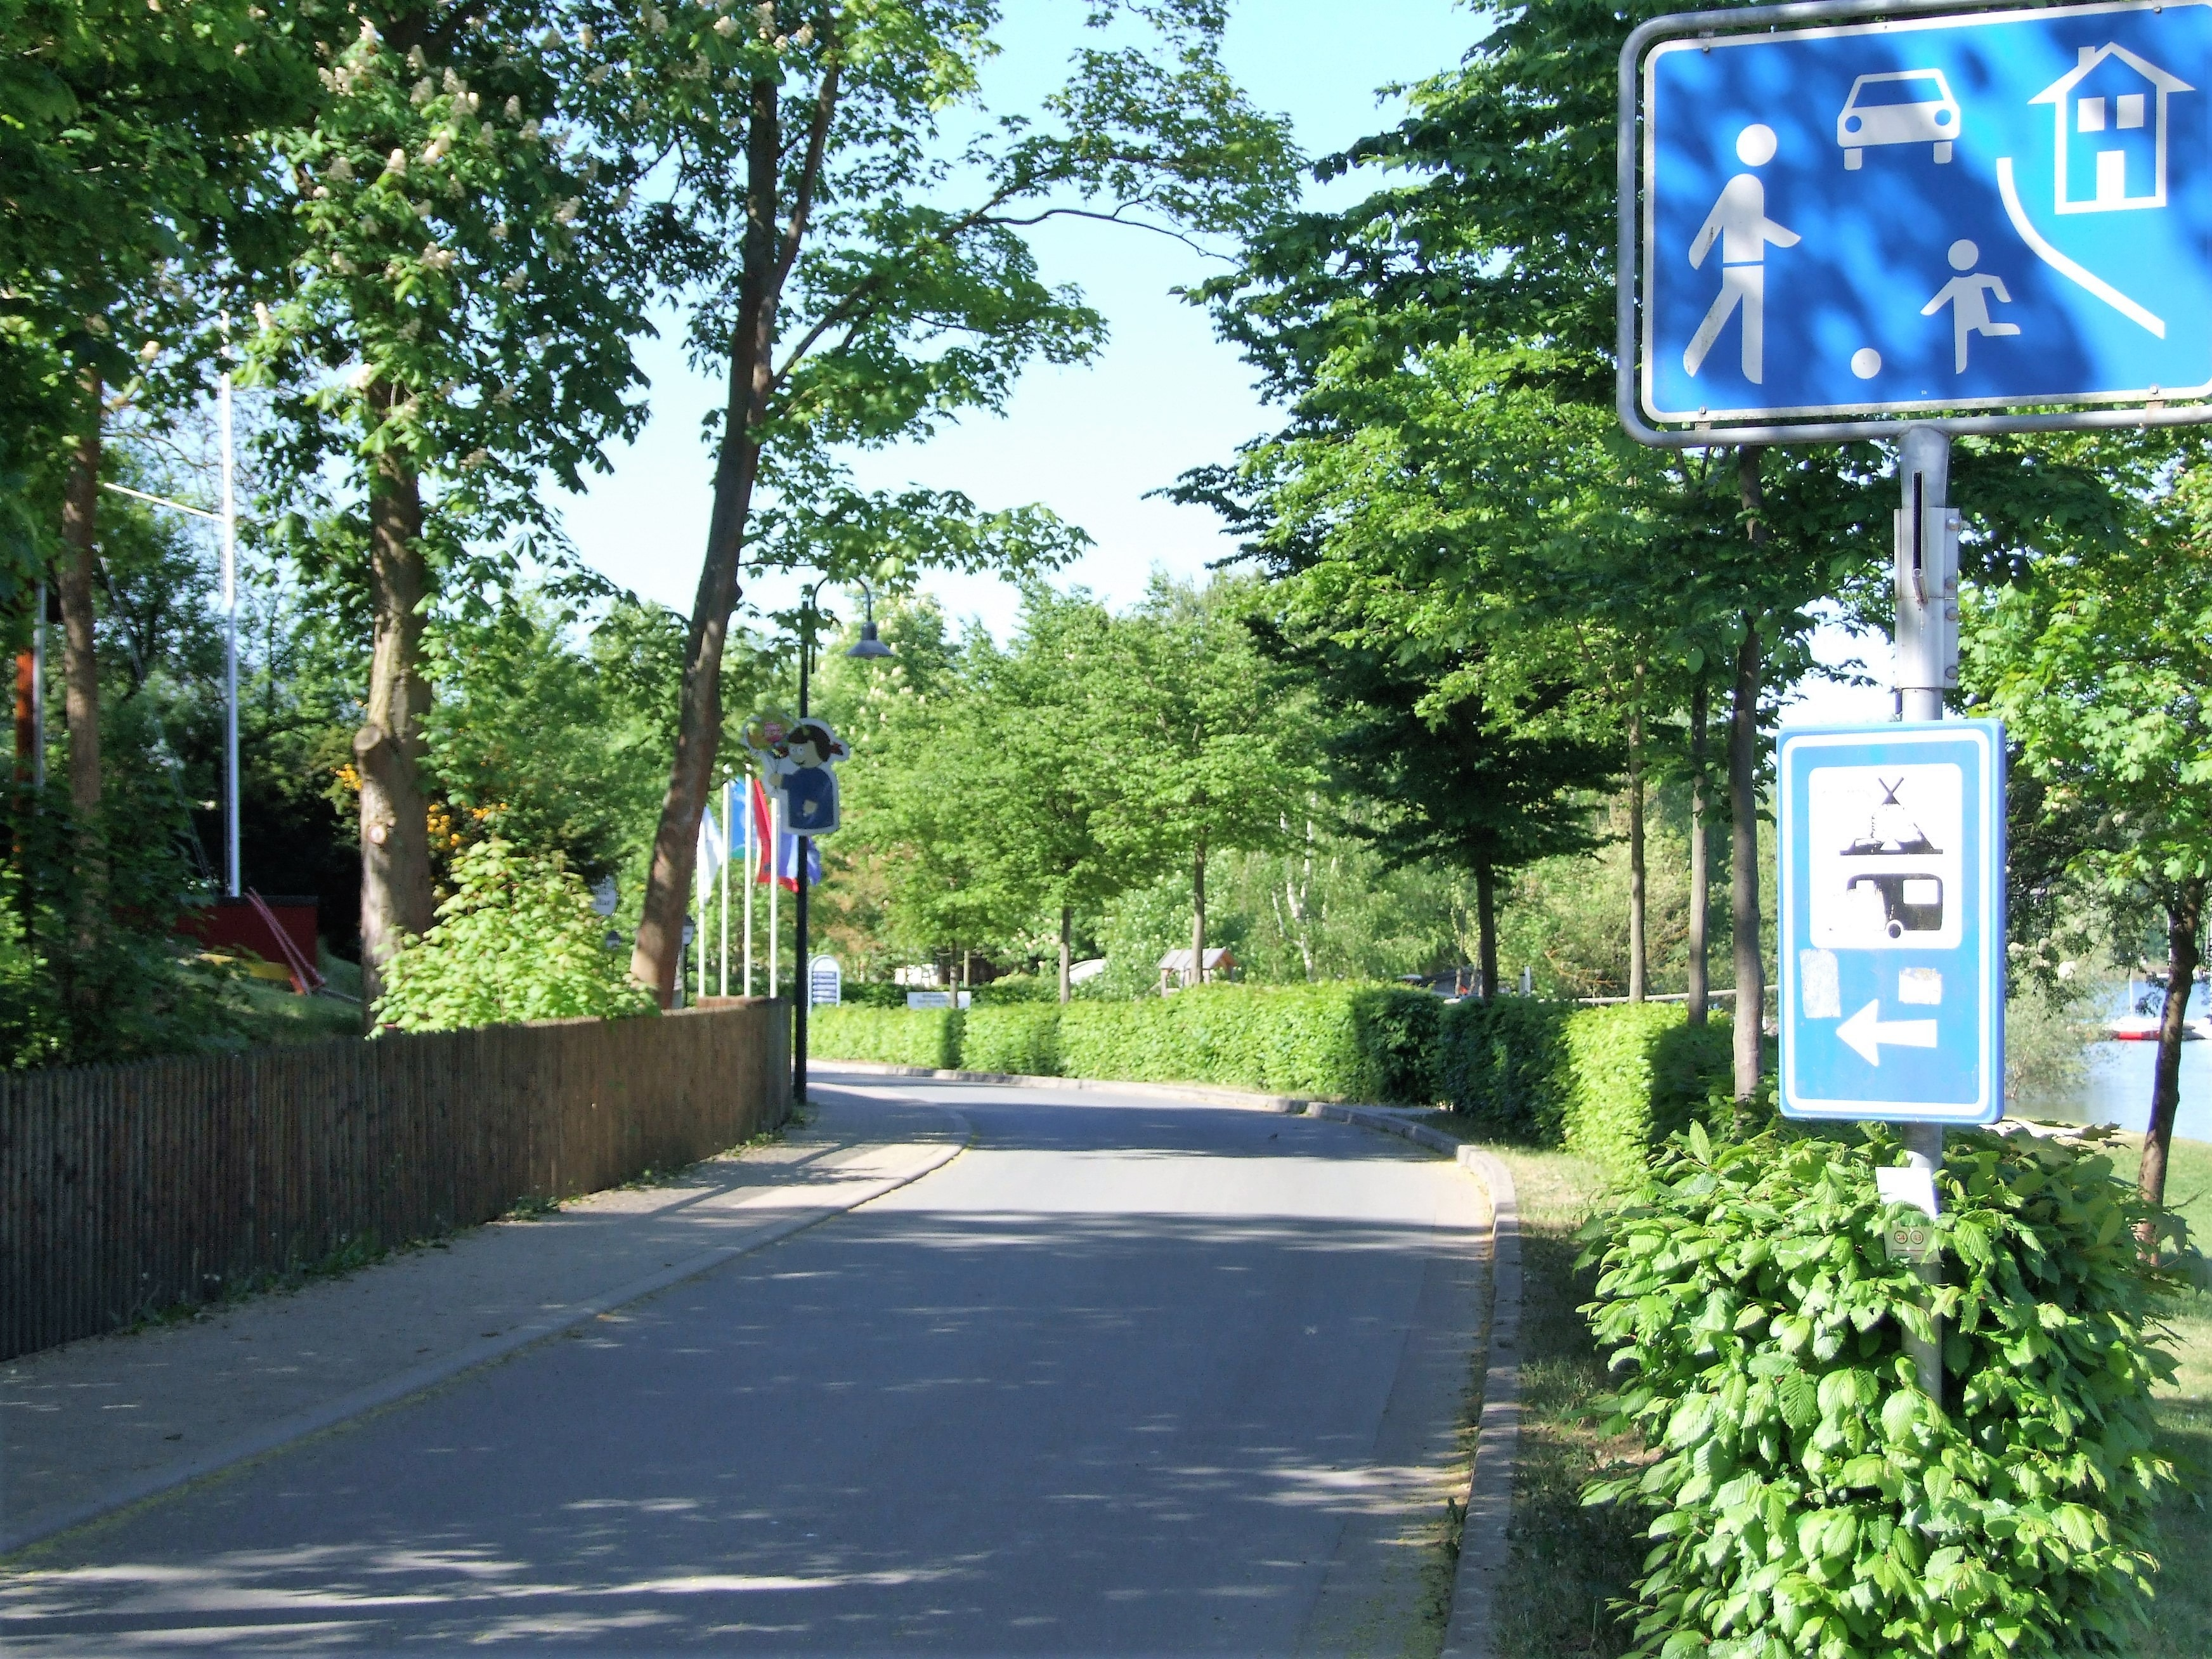 Die Zufahrt zum Yachthafen am Badestrand in Rehbach. (Foto: Uli Klein)